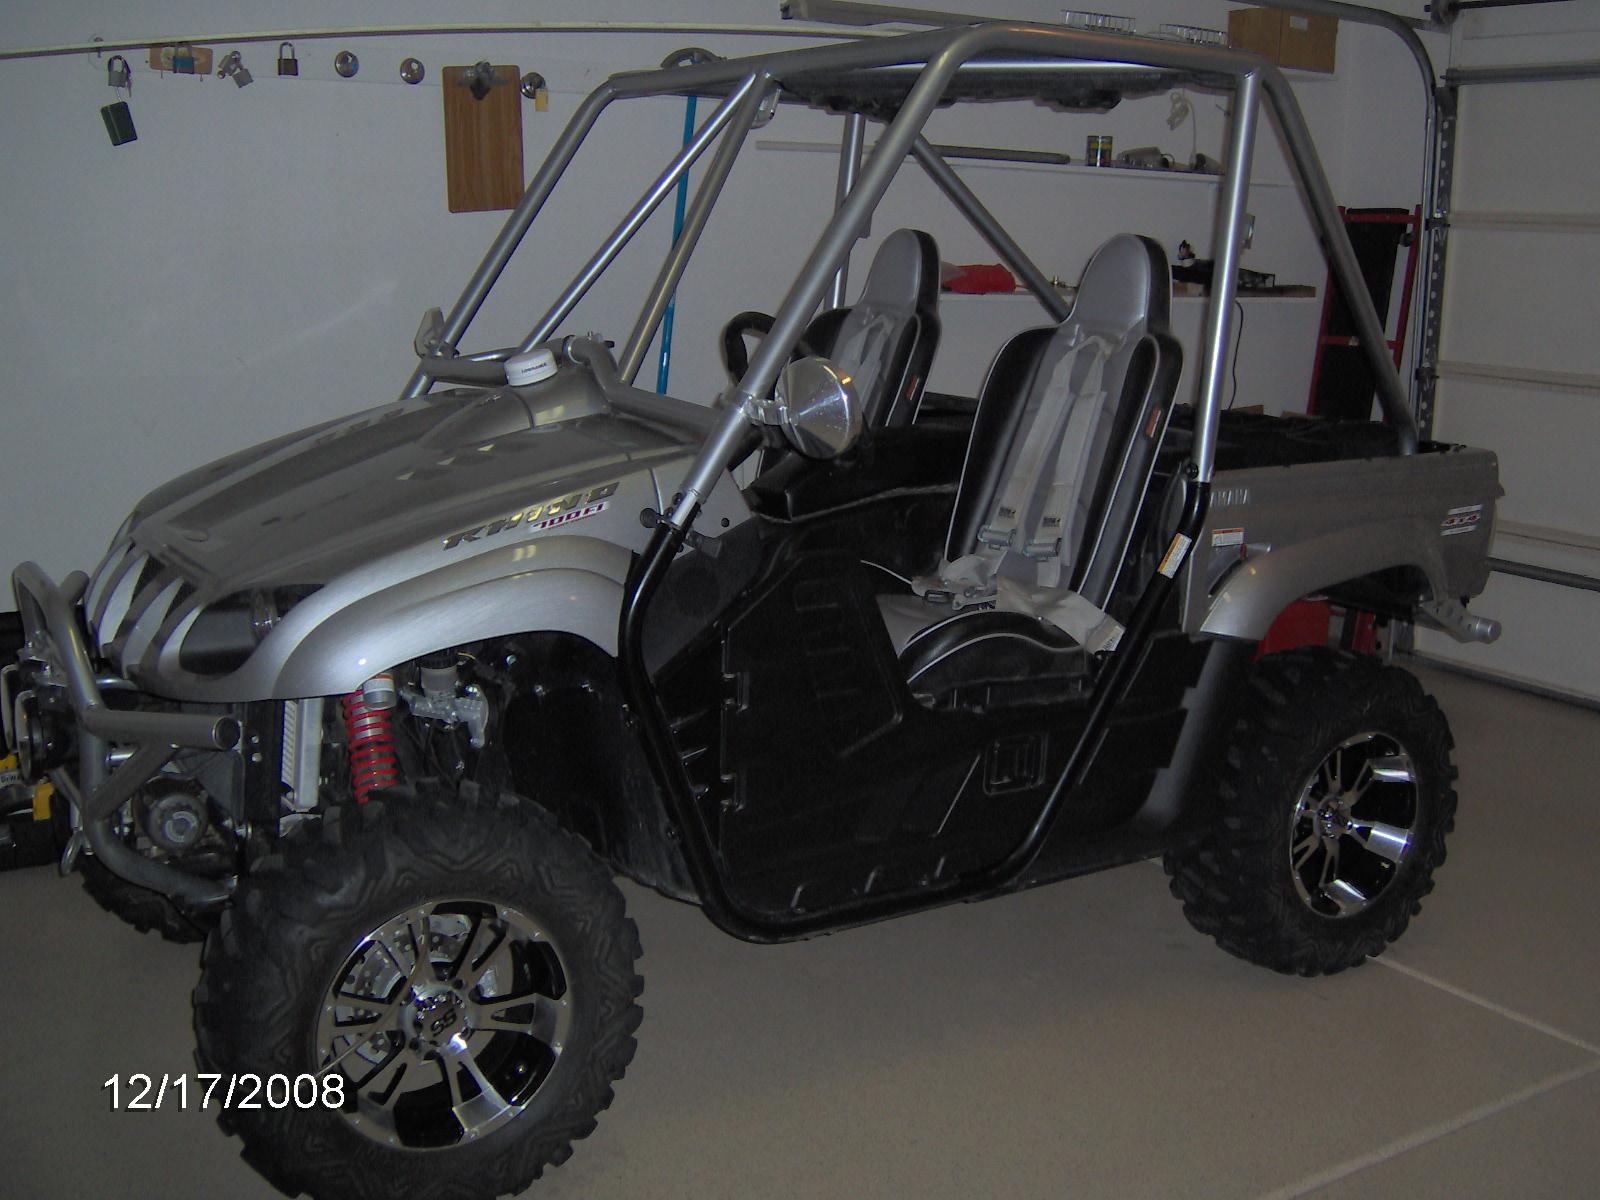 2008 Yamaha Rhino Special Edition 700 Fi Custom Many